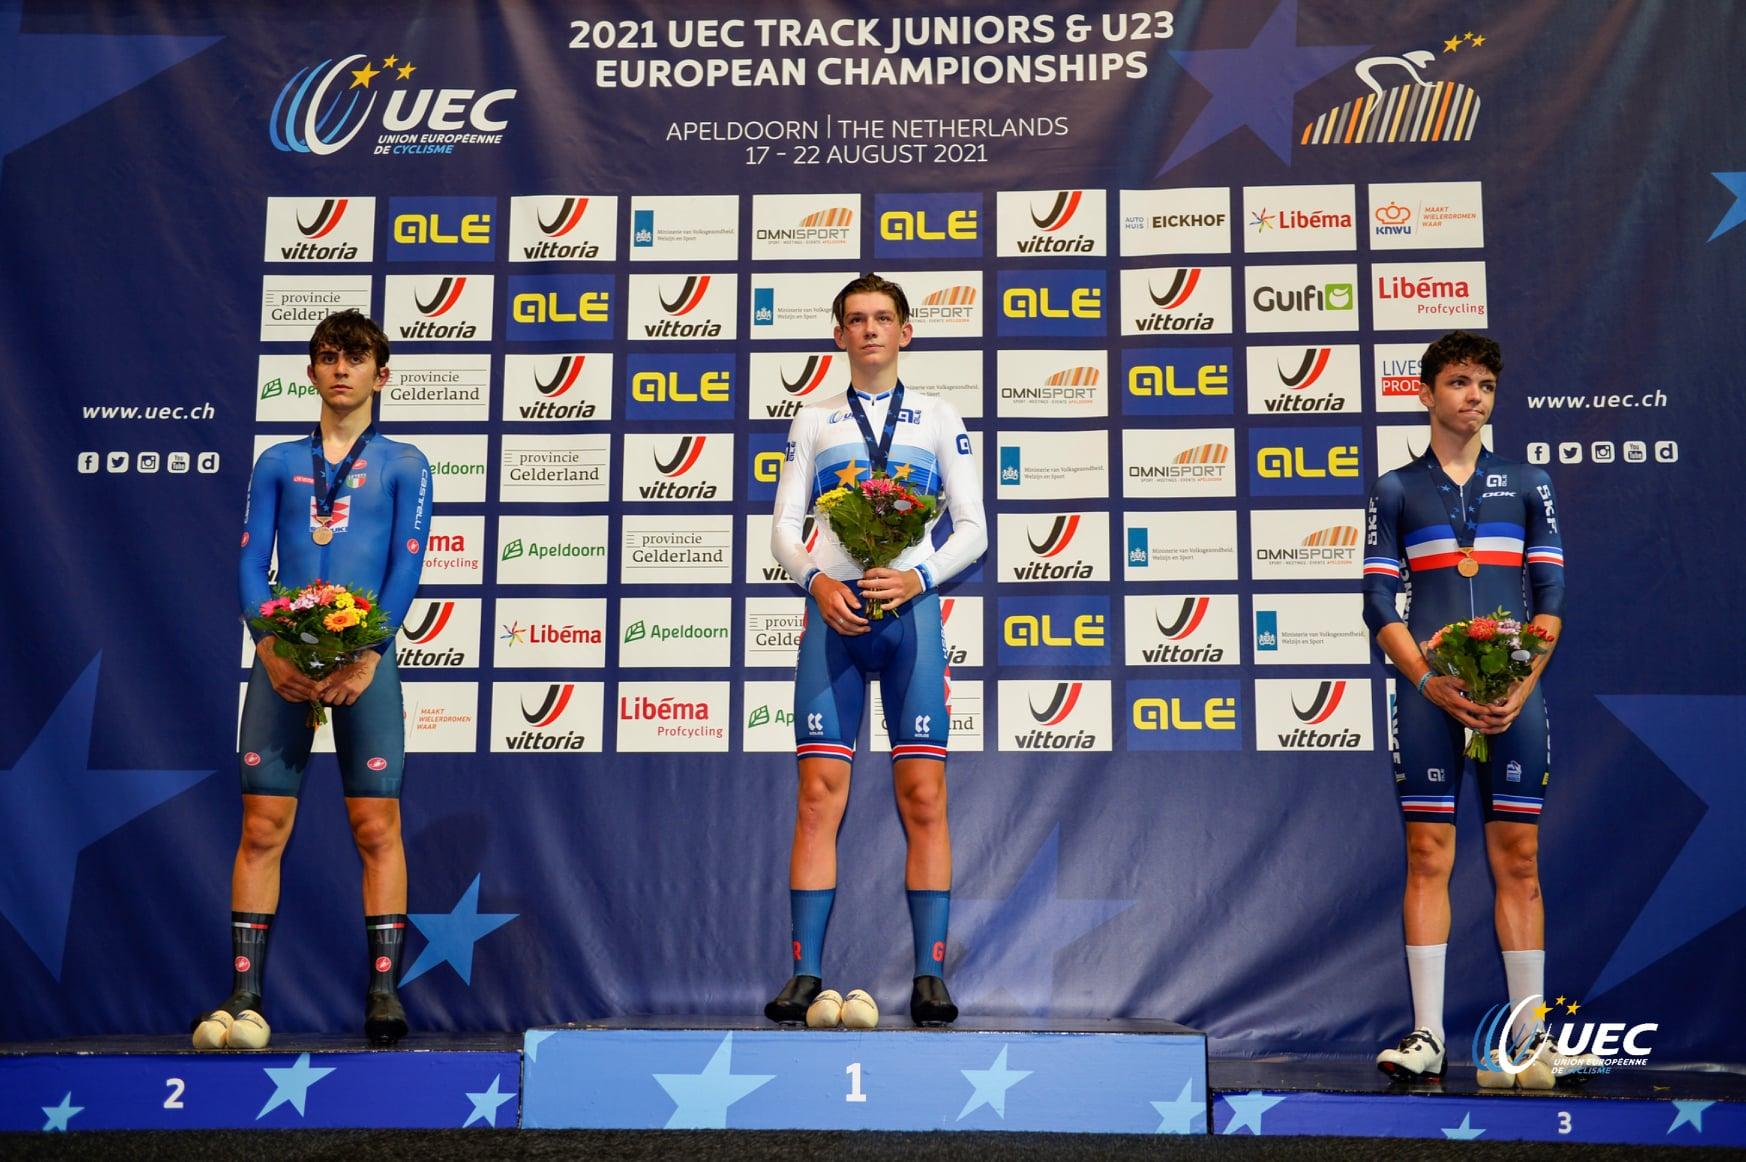 Il podio del Campionato Europeo Omnium Juniores 2021 (foto UEC/BettiniPhoto)